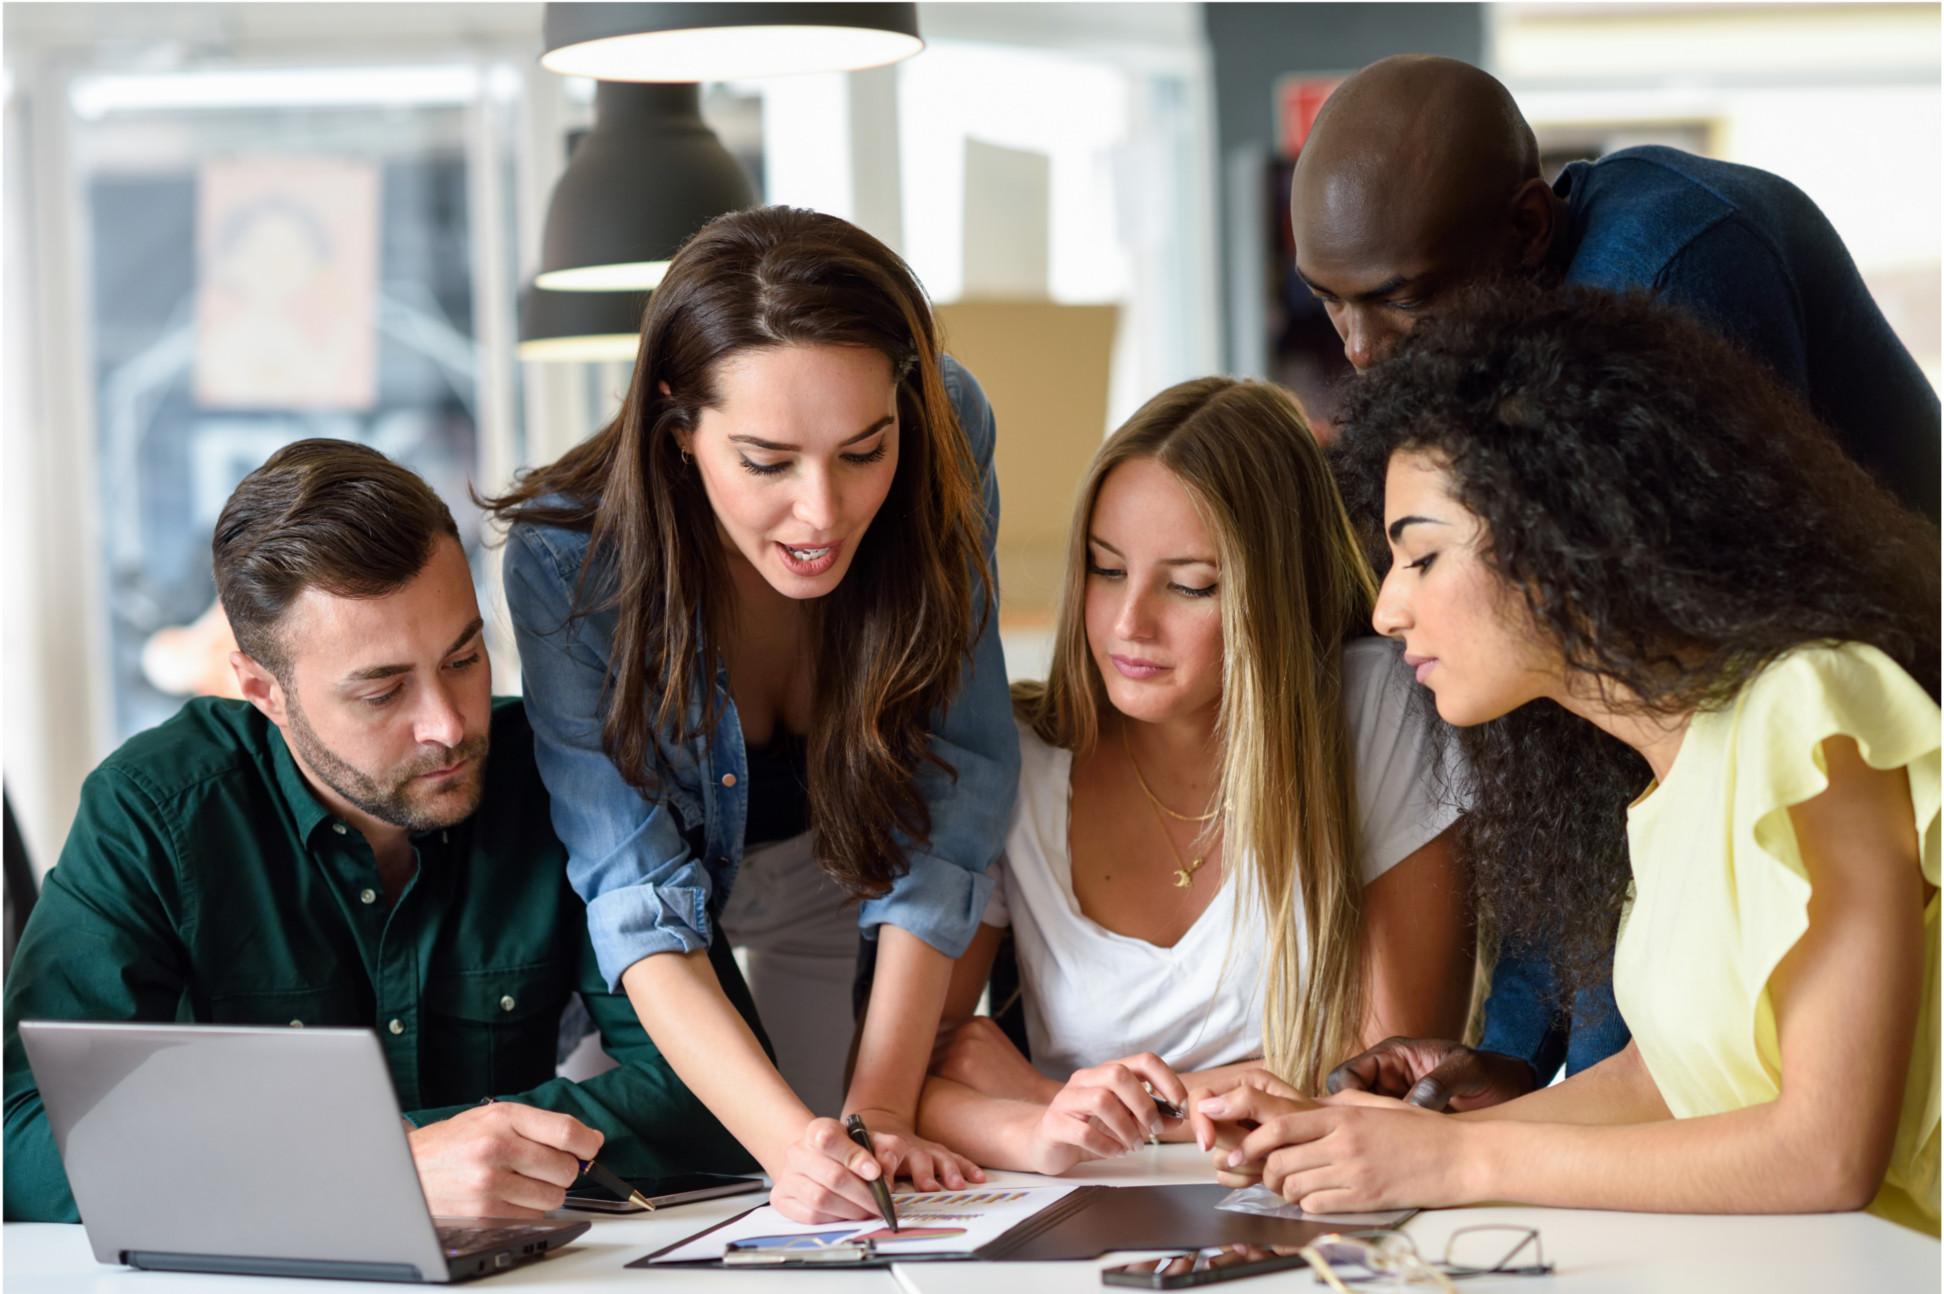 Enobox Experiencias colabora en la organización facilitando ideas para eventos corporativos originales, diferentes y únicos en toda España.